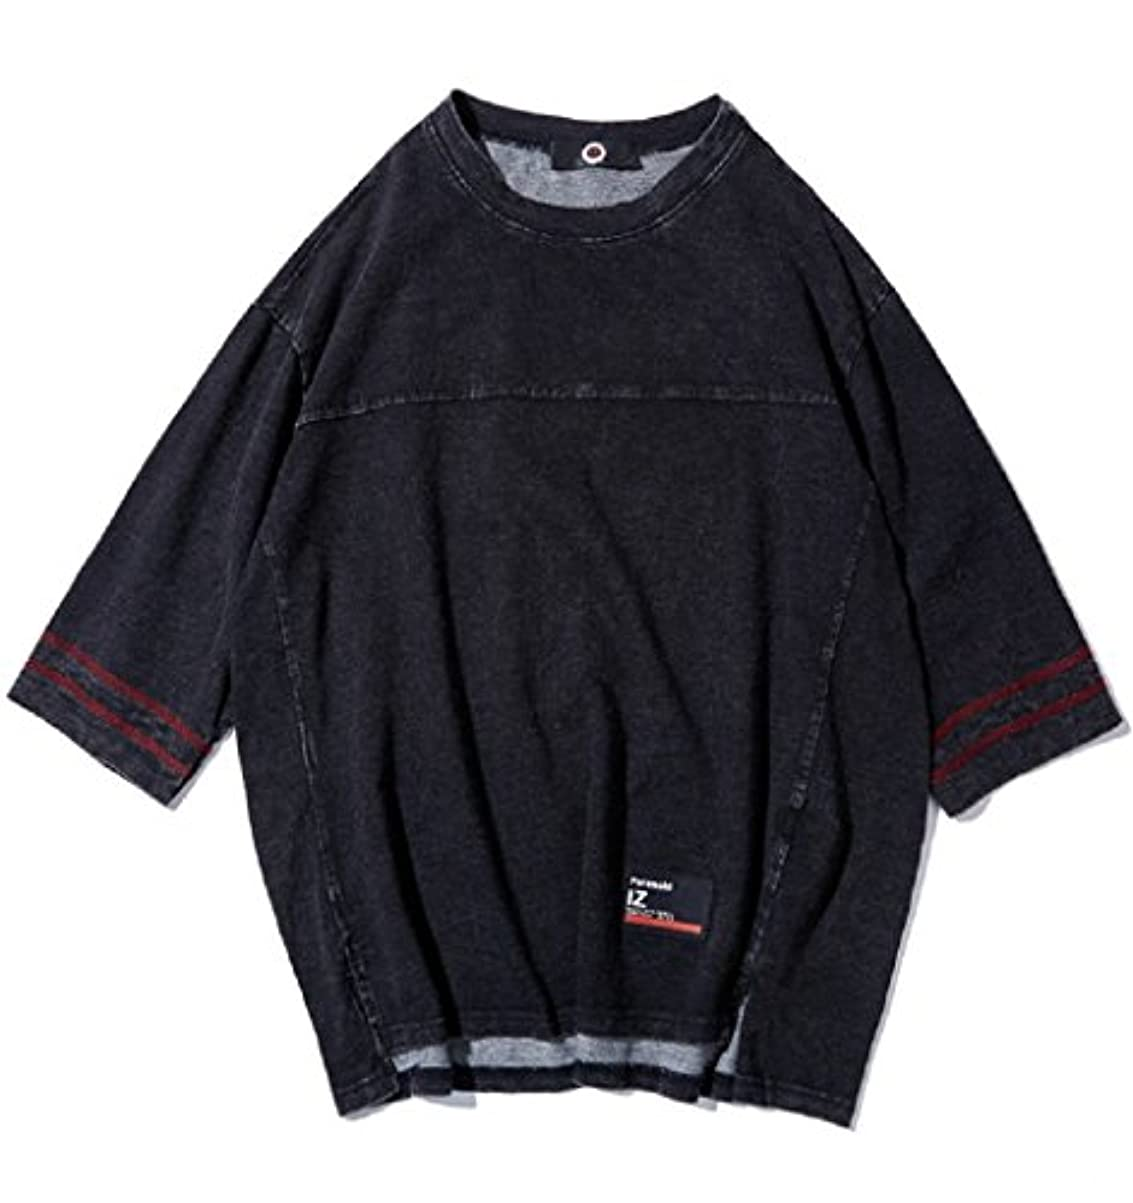 フロンティアネーピア推論LittleKK tシャツ メンズ 半袖 カットソー 七分袖 五分袖 高品質 おしゃれ 快適な 無地 柔らかい カジュアルな服装 M -3XL 75